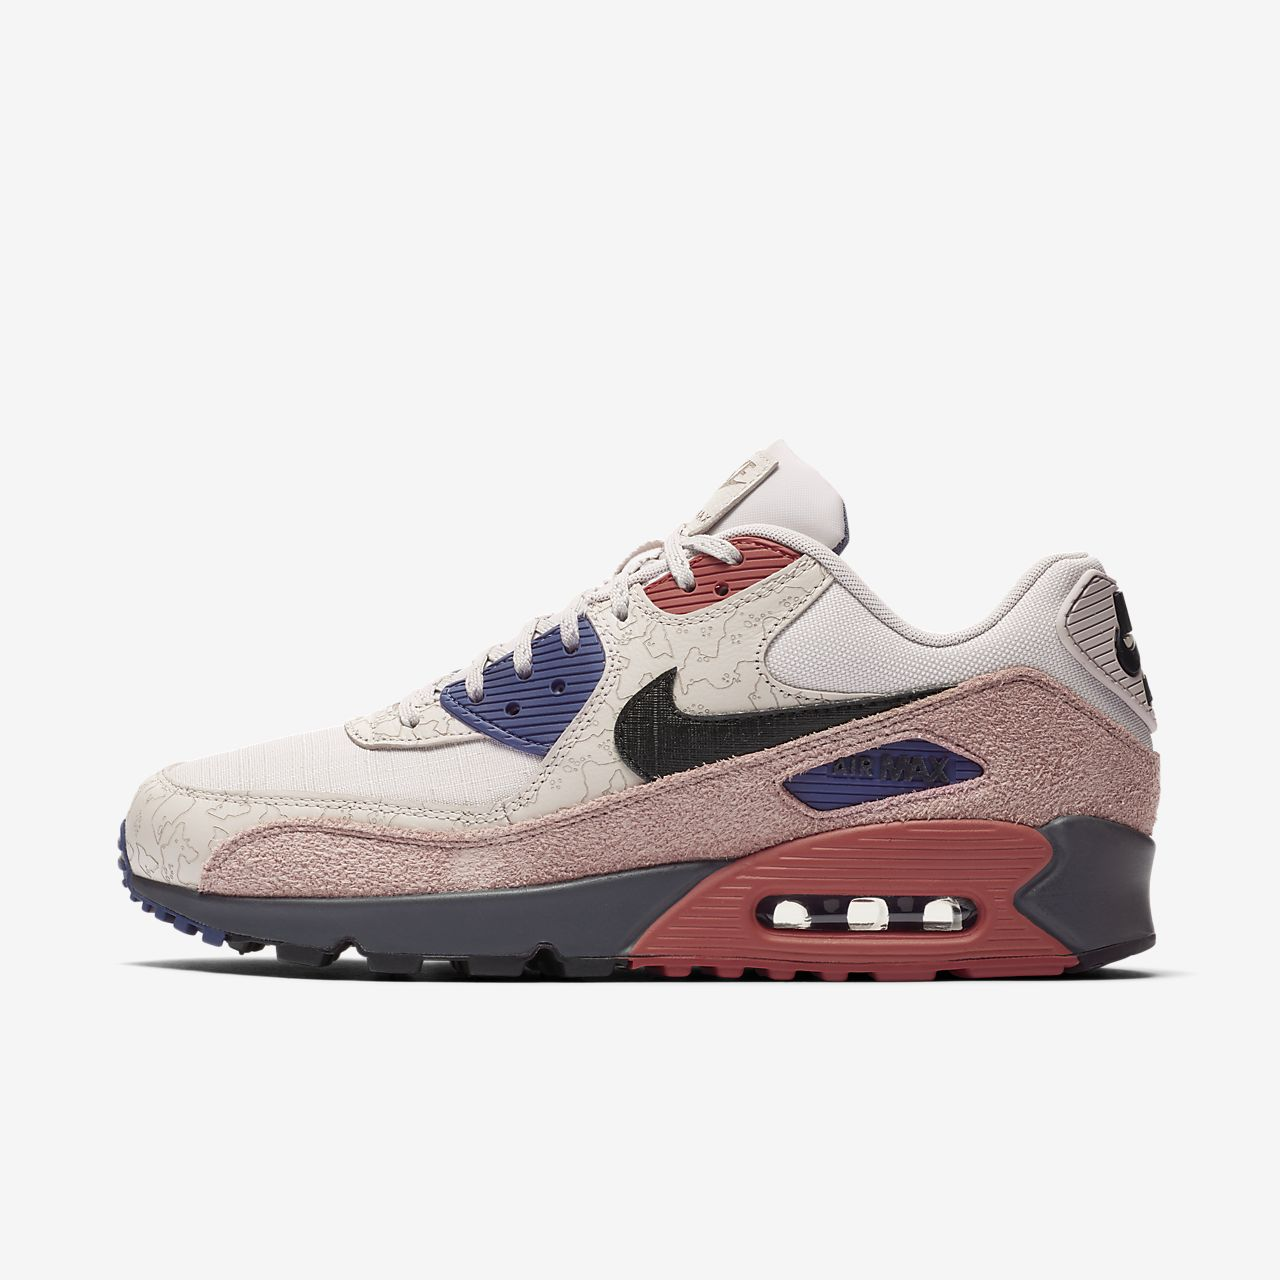 Nike Air Max 90 NRG 男子运动鞋